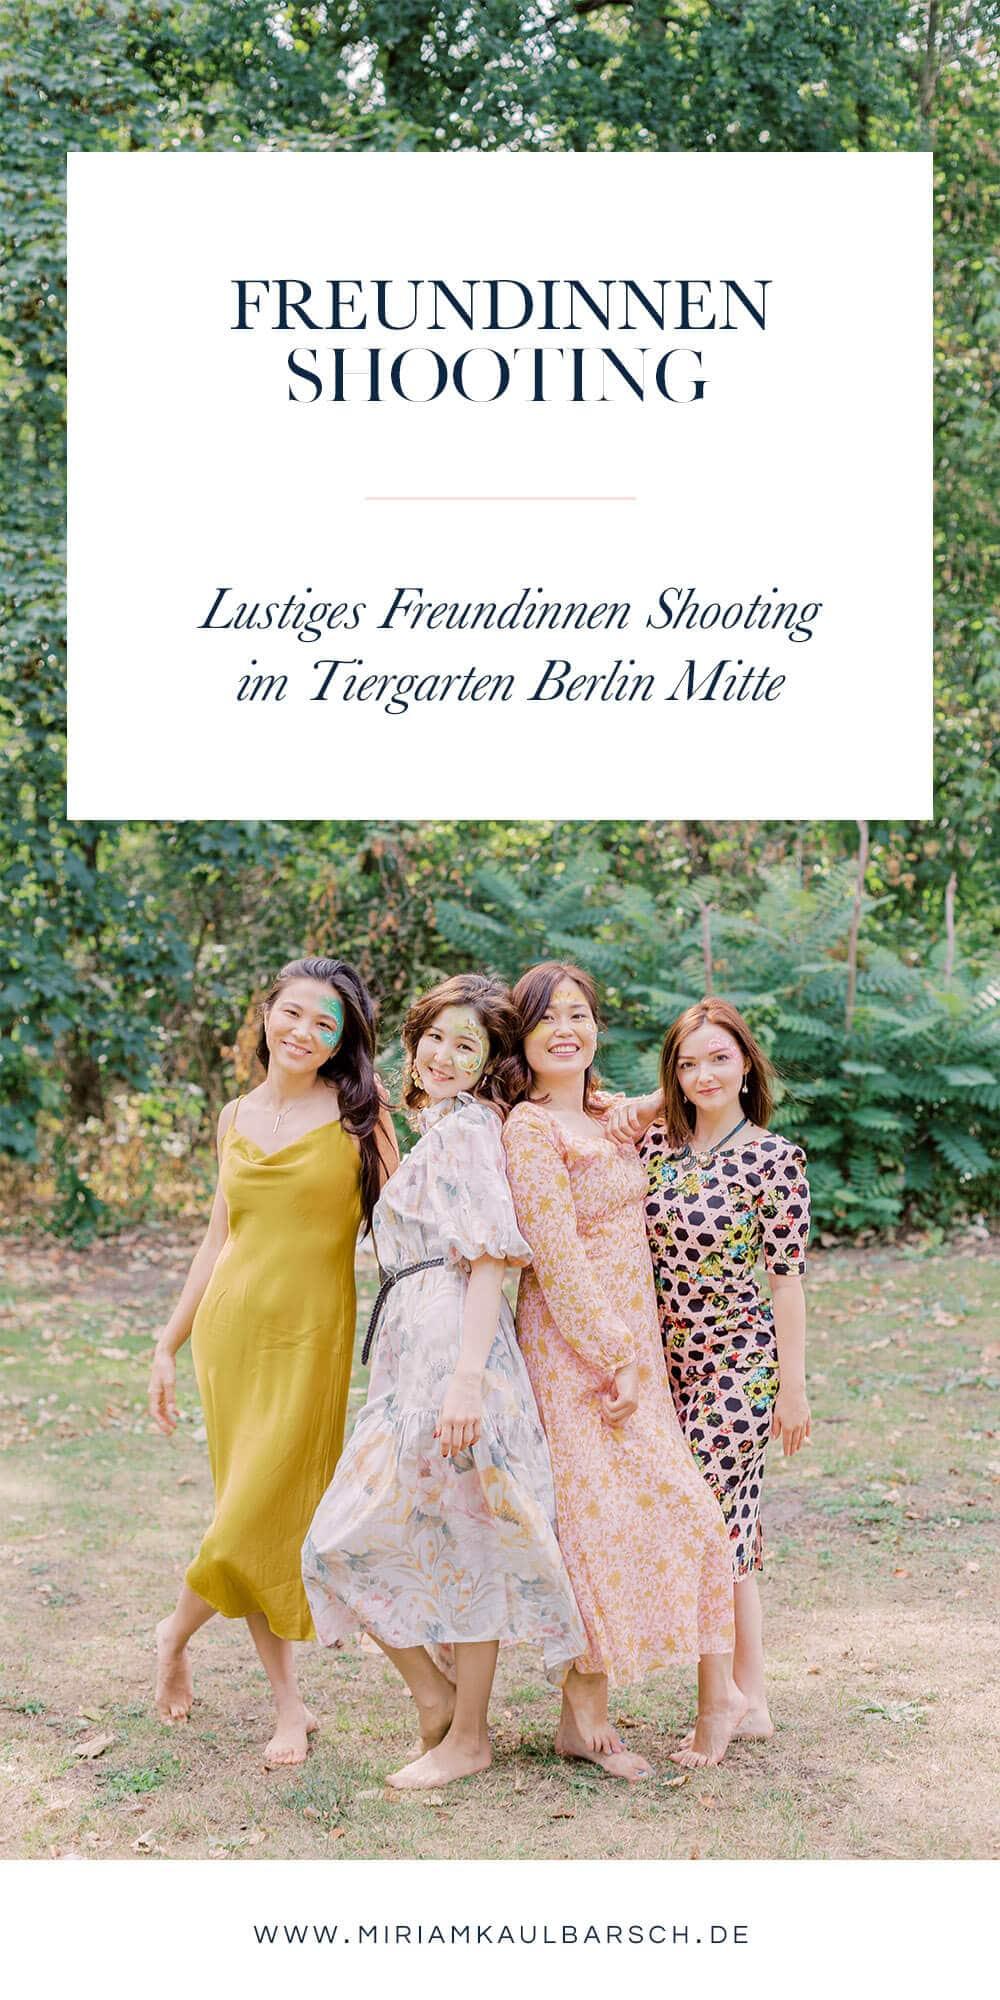 Lustiges Freundinnen Shooting im Tiergarten Berlin Mitte - mit Pastellkleidung und Gesichtsbemalung!